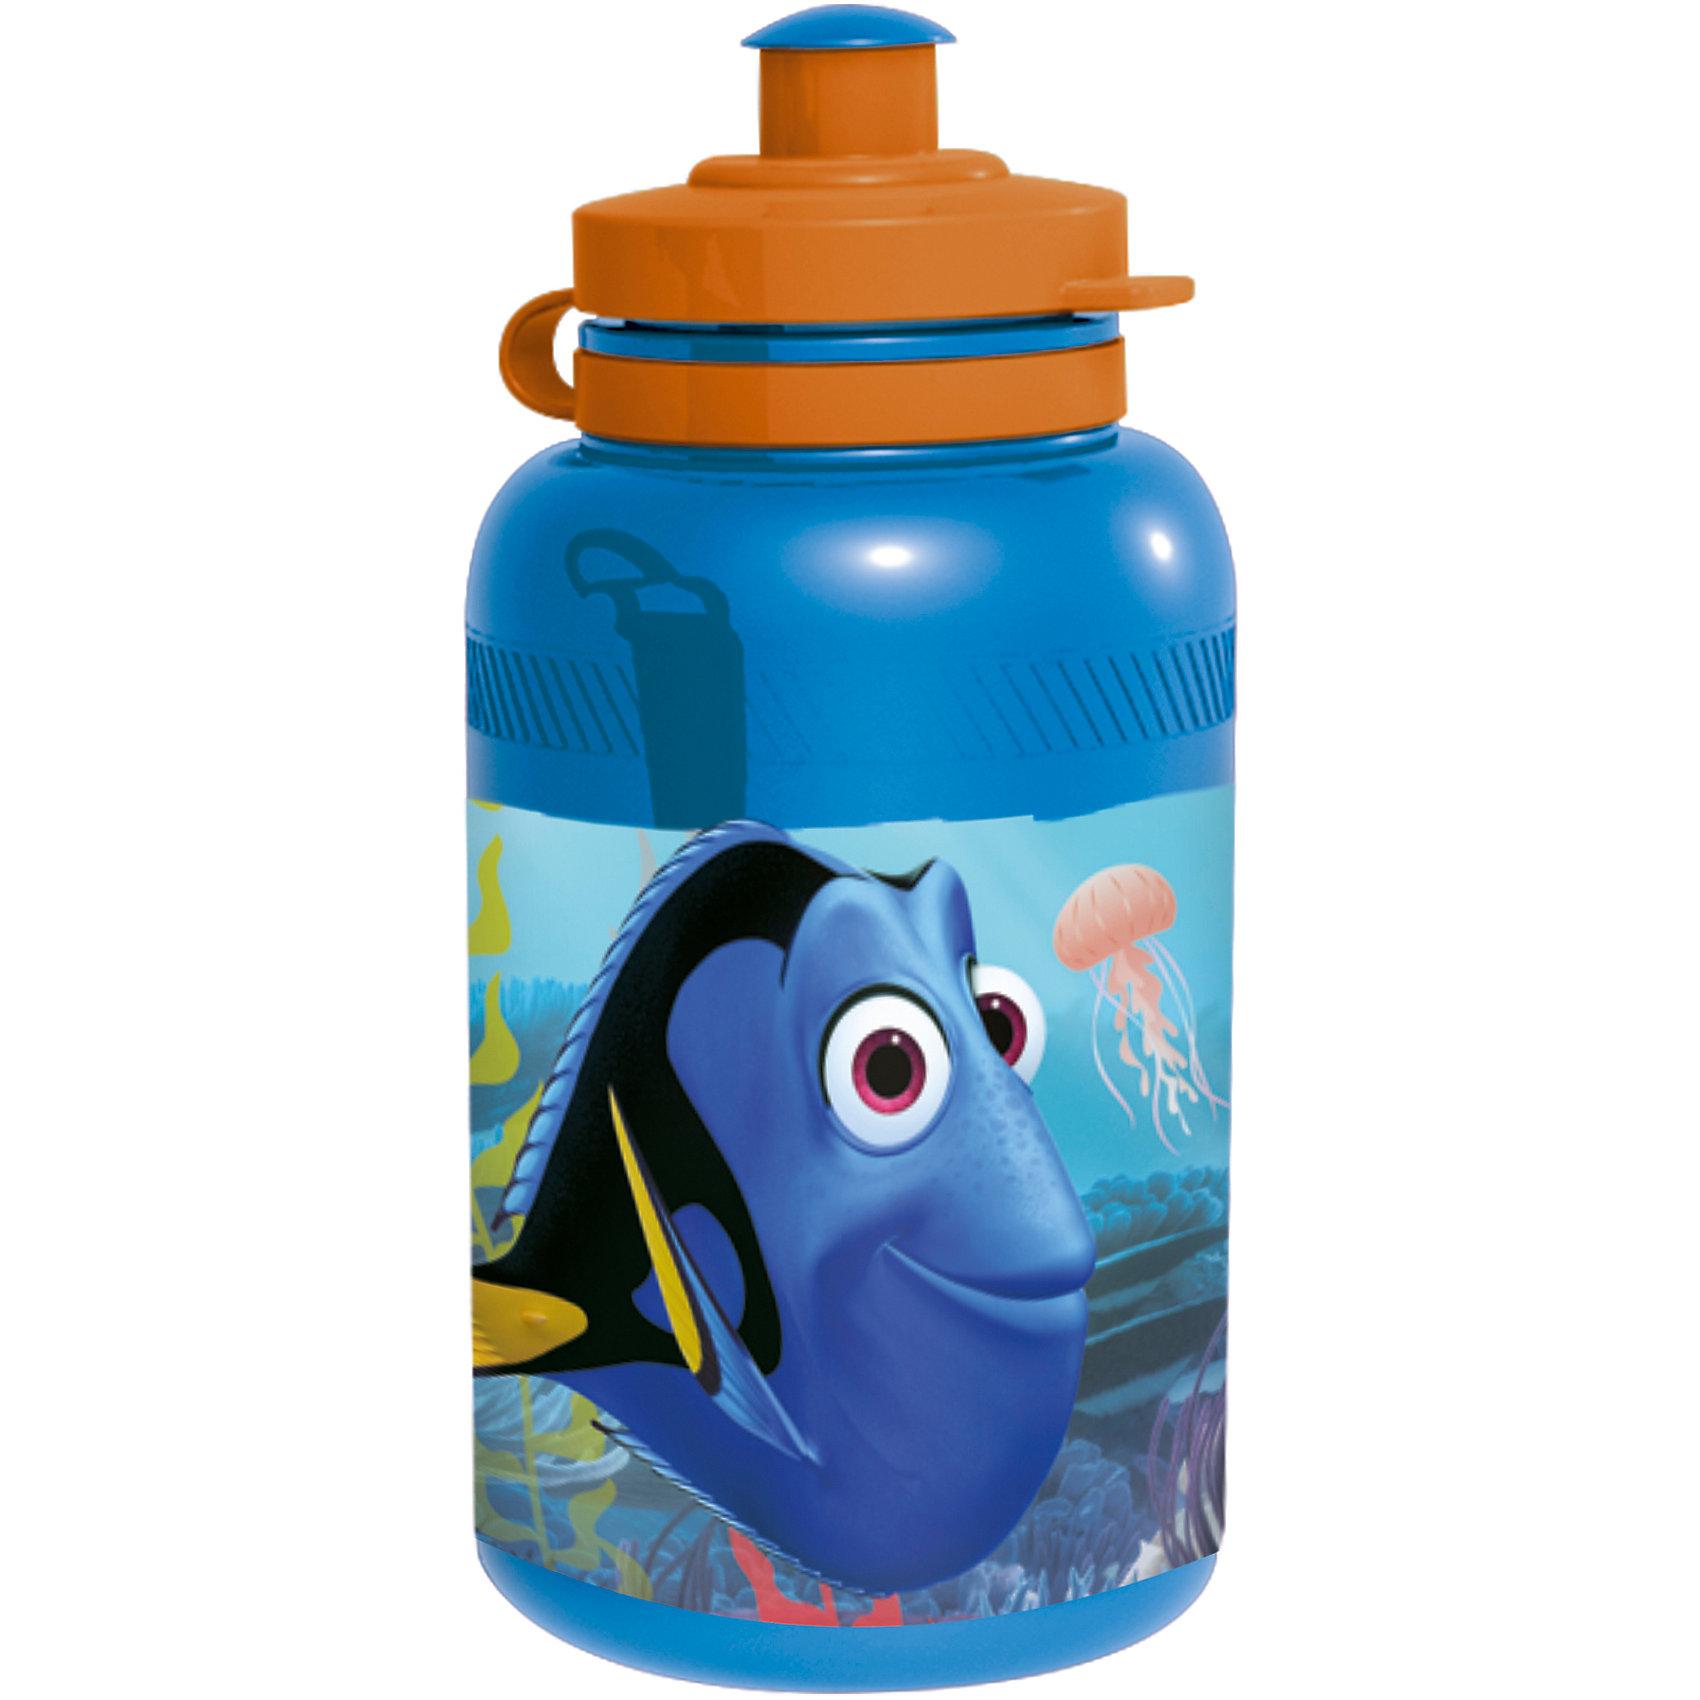 Бутылка пластиковая В поисках Дори 400 млБутылки для воды и бутербродницы<br>Характеристики товара:<br><br>• материал: пластик<br>• украшена рисунком<br>• размер: 6,5х6,5х15 см<br>• вес: 40 г<br>• объем: 400 мл<br>• страна бренда: Испания<br>• страна производства: Китай<br><br>Такая бутылка станет отличным подарком для ребенка! Она отличается тем, что на предмете изображены персонажи из мультфильма В поисках Дори. Есть или пить из предметов с любимым героем многих современных детей - всегда приятнее. Бутылочка очень удобна, объем оптимален для детей, сюда как раз вместится необходимый для одной тренировки объем воды. Плюс - изделие дополнено специальной крышкой. Использовать его можно и в школе, и на улице!<br>Бутылка выпущена в удобном формате, размер - универсальный. Изделие производится из качественных и проверенных материалов, которые безопасны для детей.<br><br>Бутылку пластиковую В поисках Дори 400 мл можно купить в нашем интернет-магазине.<br><br>Ширина мм: 65<br>Глубина мм: 65<br>Высота мм: 150<br>Вес г: 40<br>Возраст от месяцев: 36<br>Возраст до месяцев: 108<br>Пол: Унисекс<br>Возраст: Детский<br>SKU: 5282067